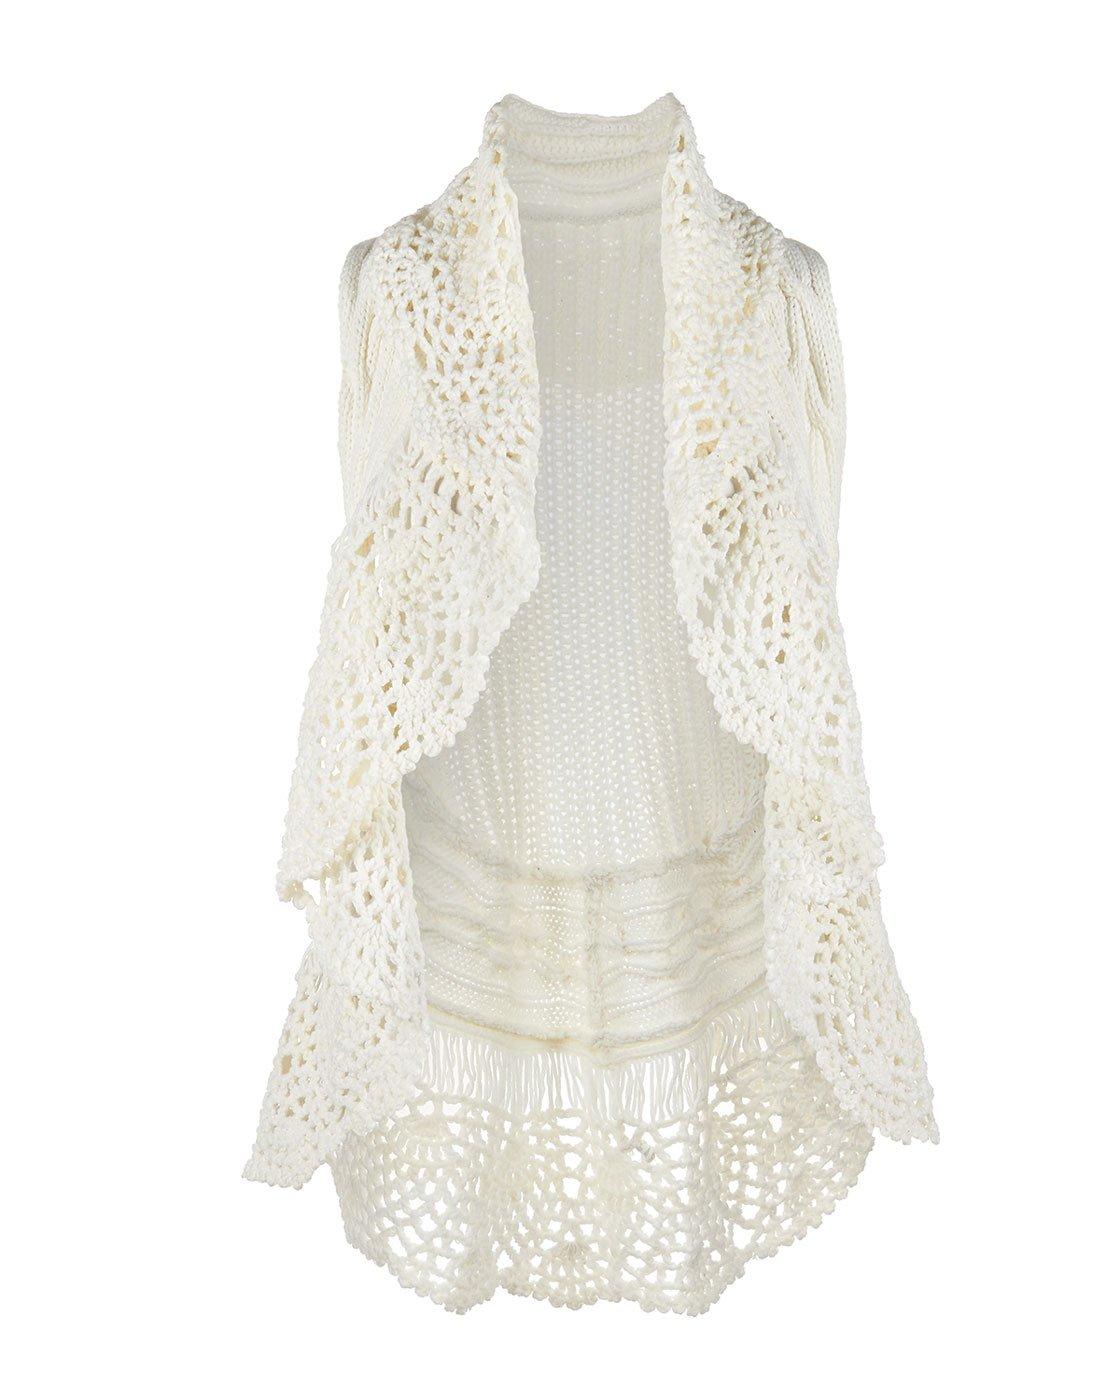 Coco + Carmen Women's Crochet Collar Cable Vest Cream S/M